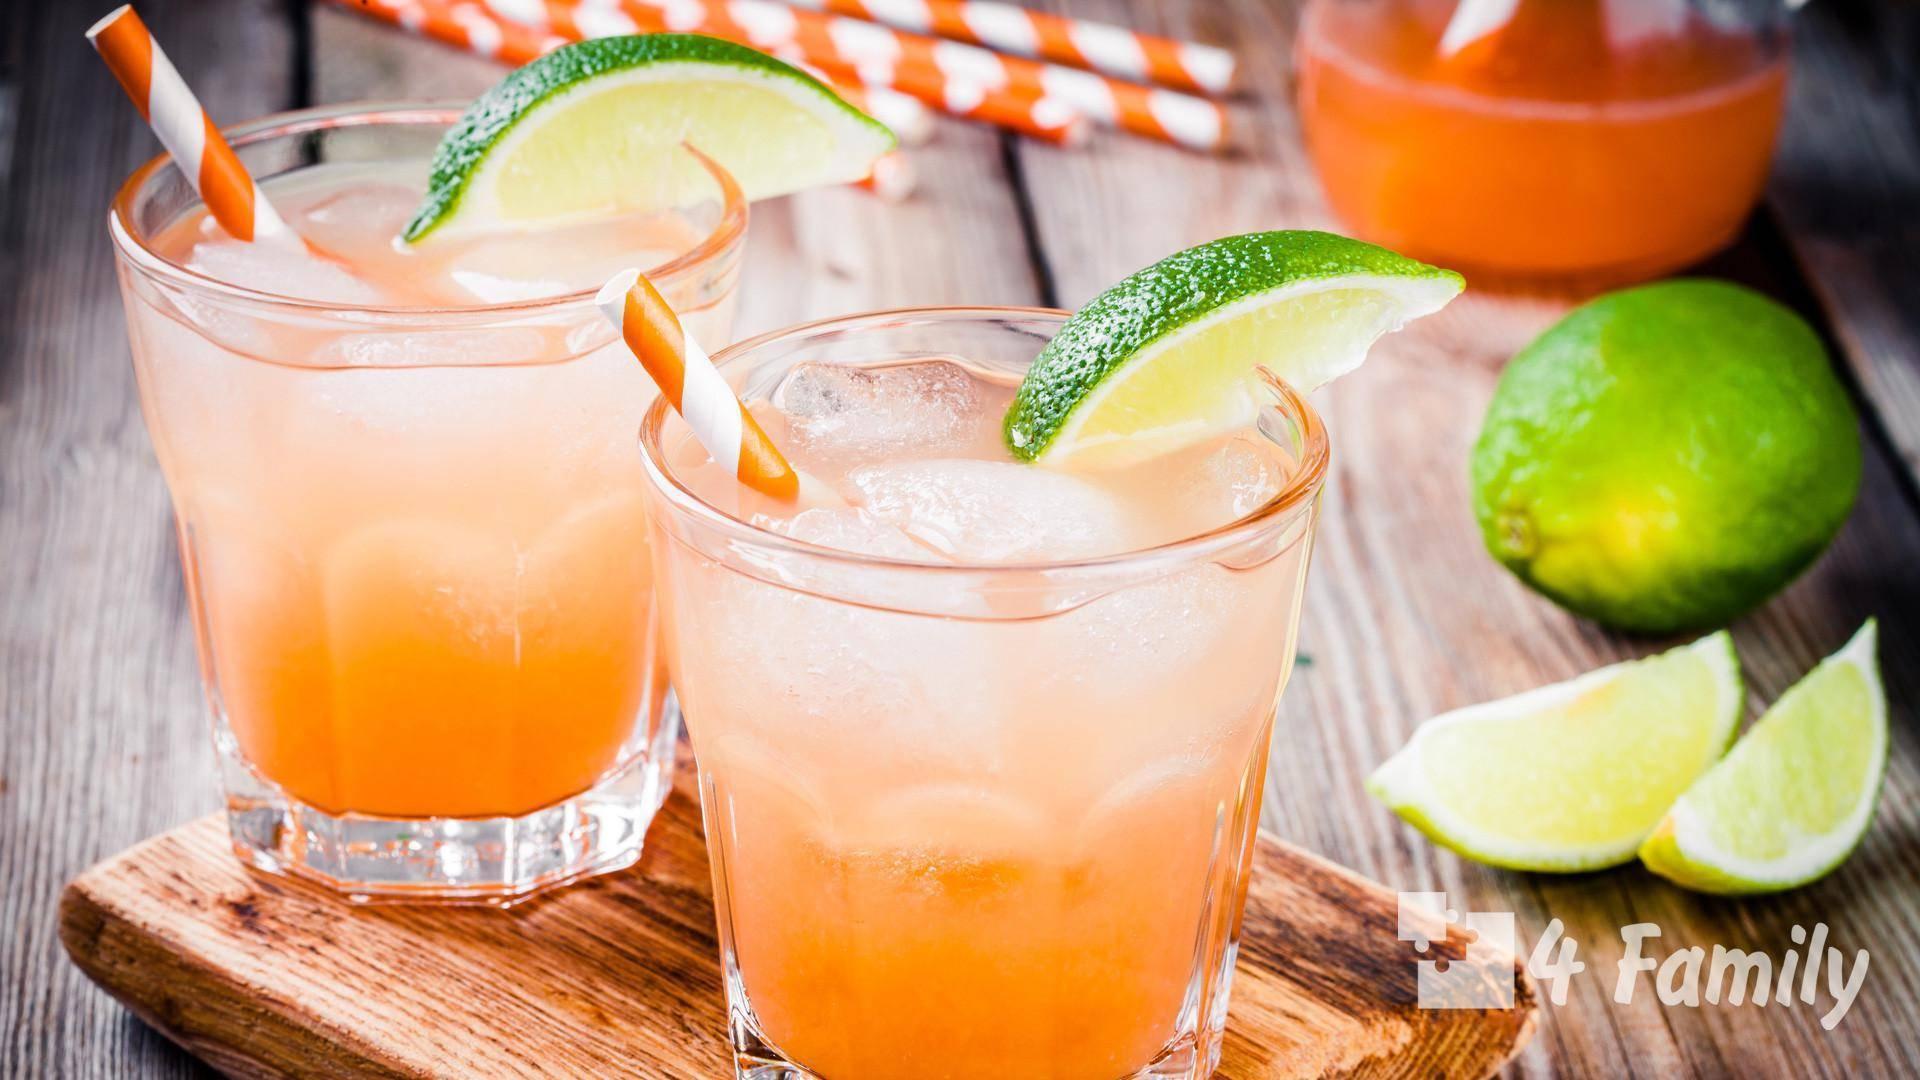 Коктейли с текилой - простые алкогольные рецепты в домашних условиях